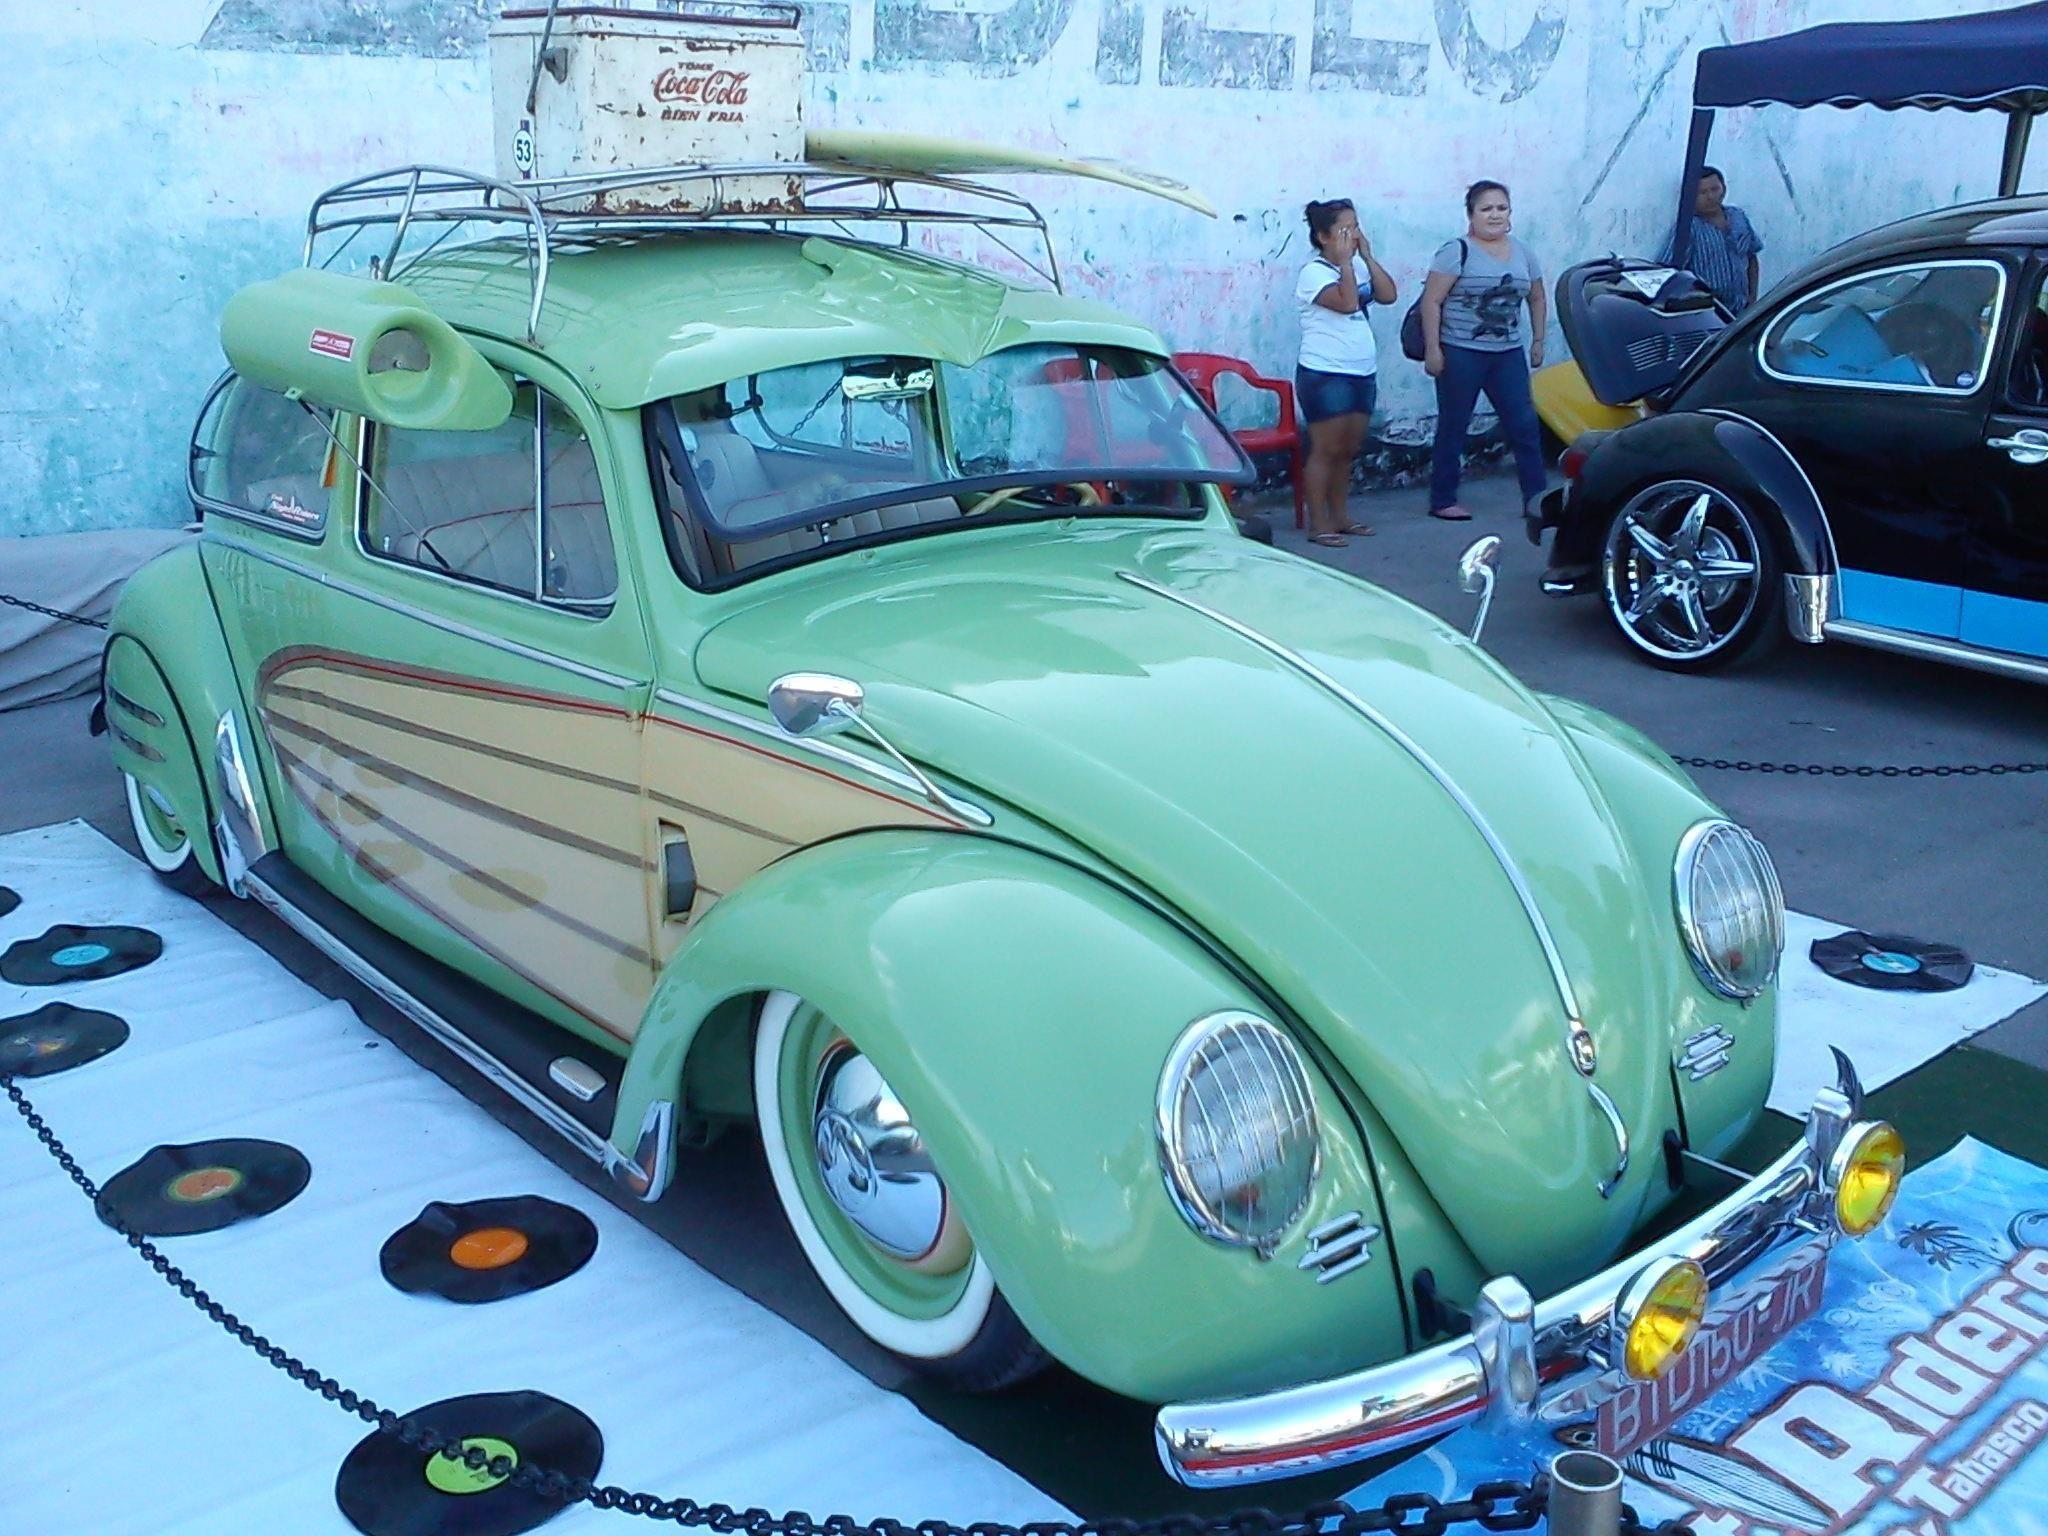 vw beetle air cool roof rack slammed das vintage vw beetles pinterest roof rack vw